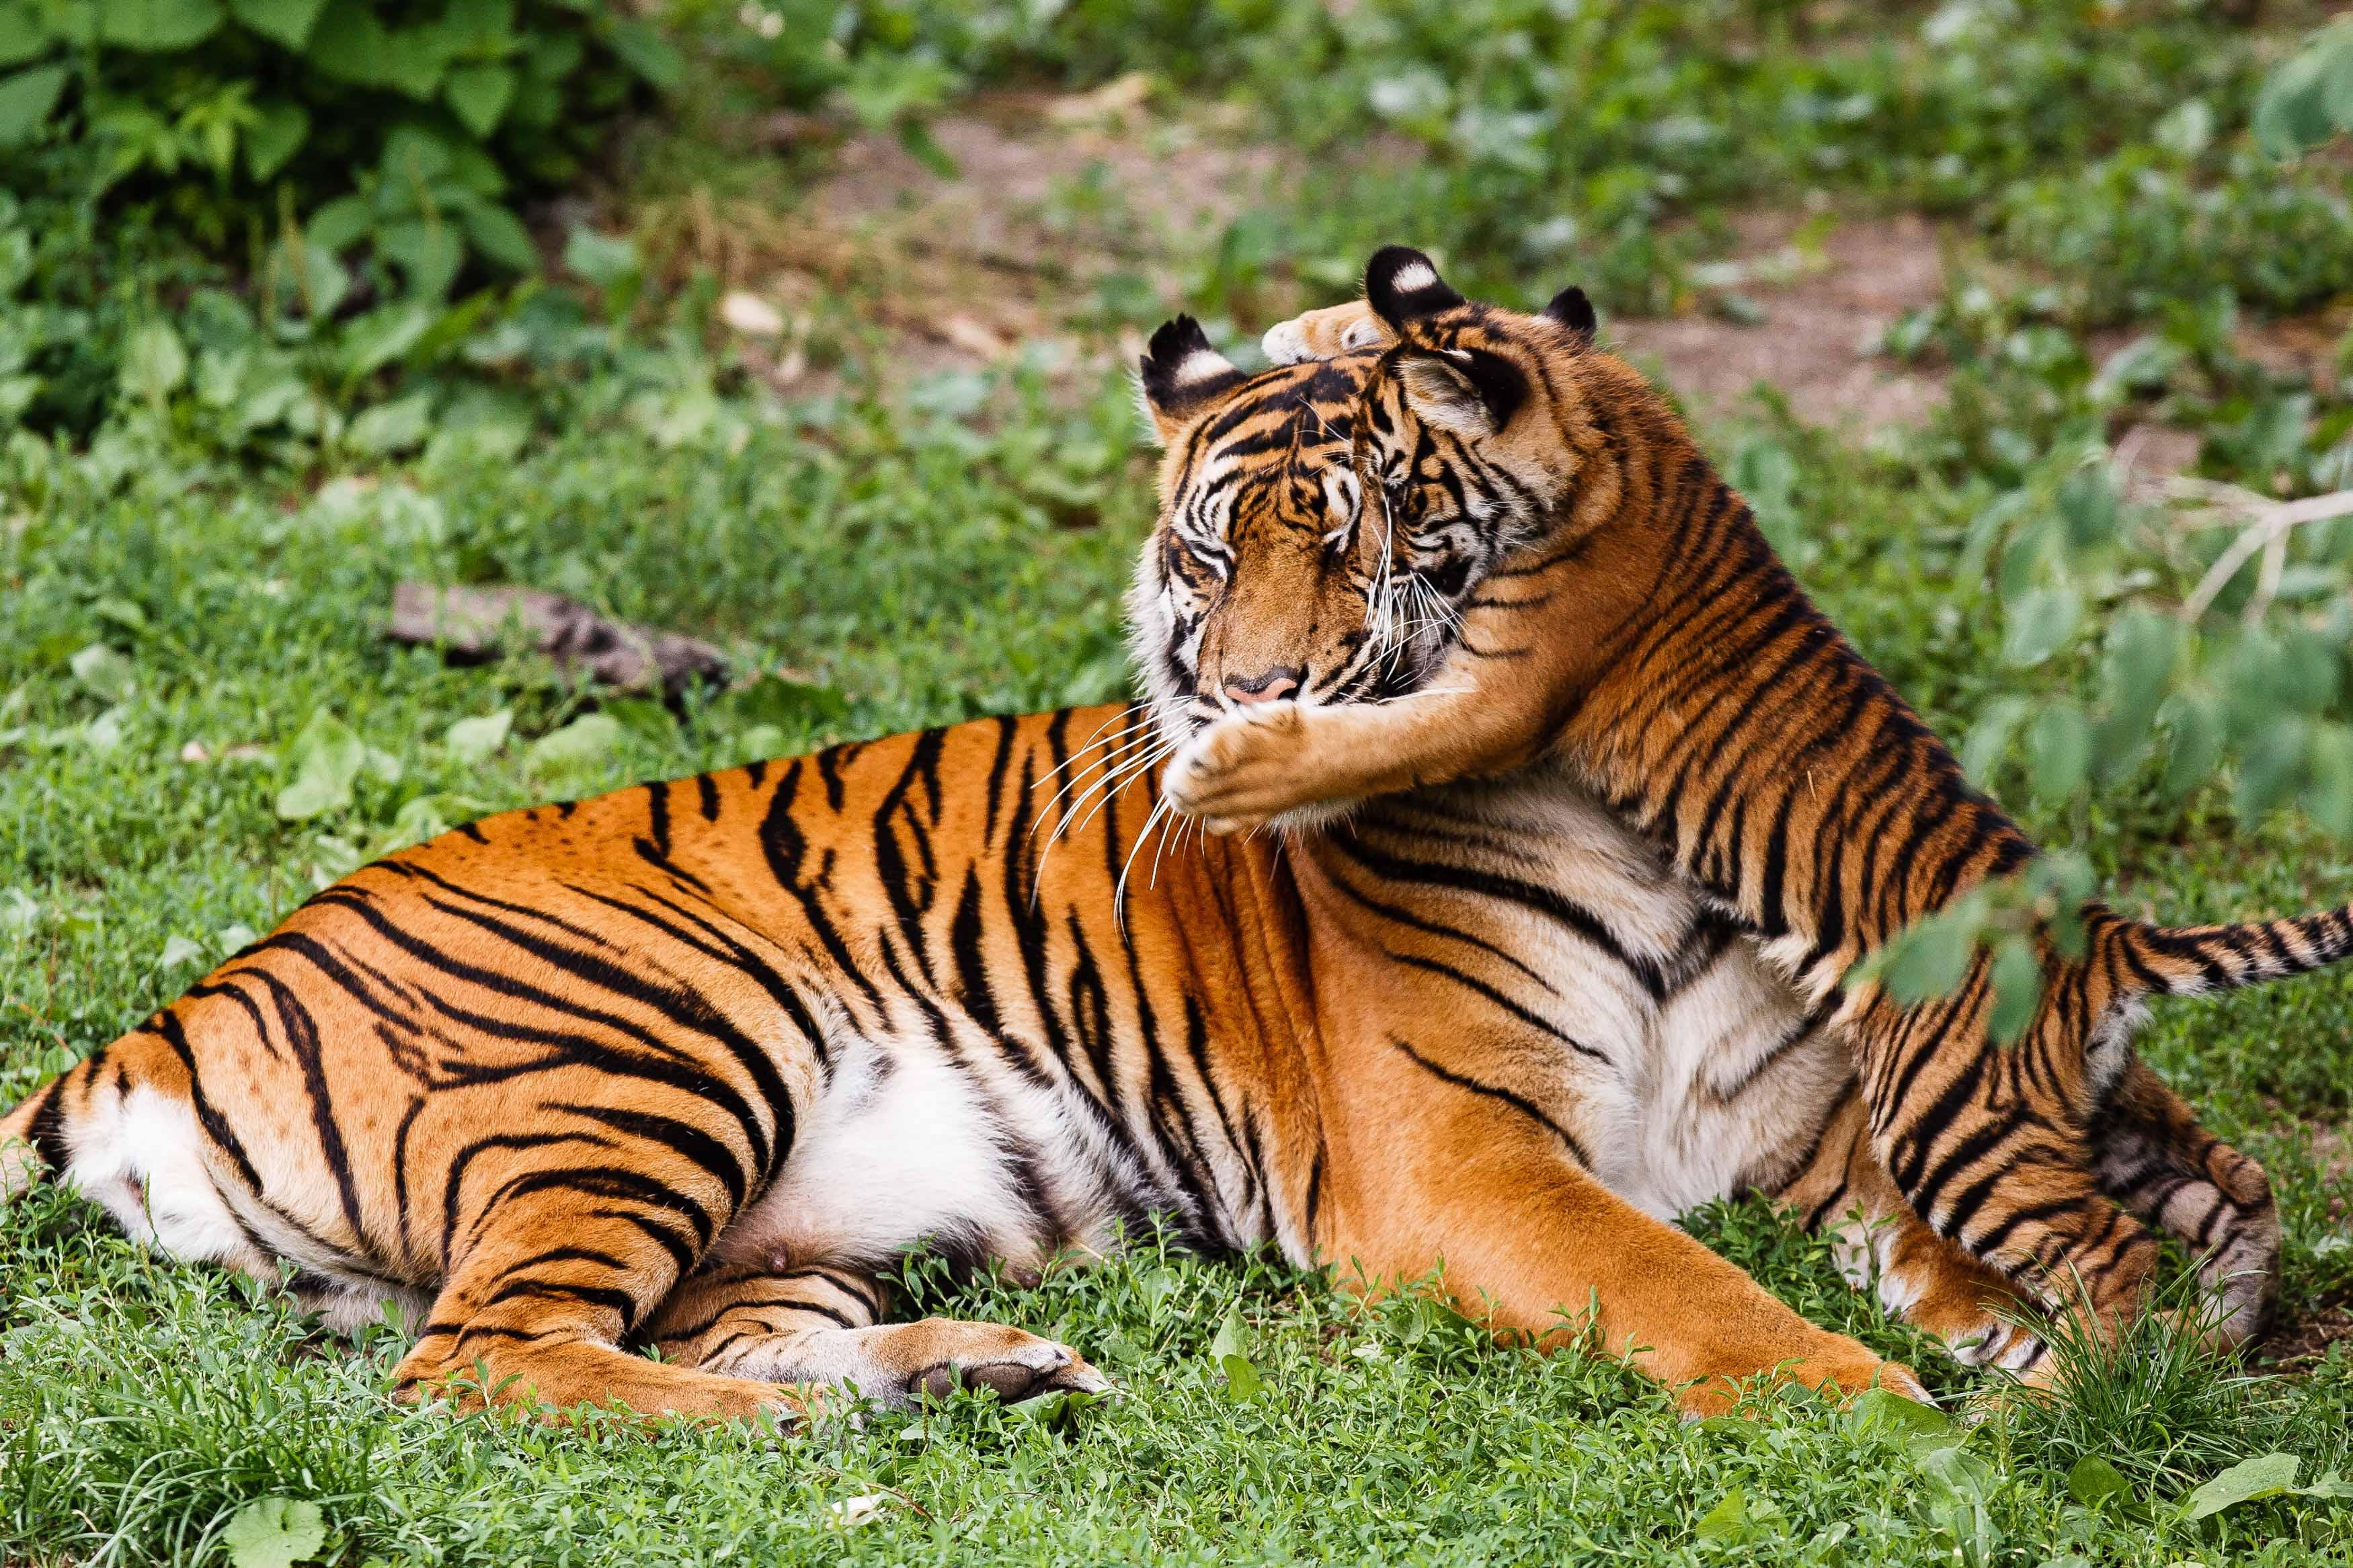 KW_16c_Tigerin_Dumai_wird_20_Jahre_17.04.2020_Bild_4_Archivfoto_Harald_Löffler_-_Eye_of_the_Tiger.jpg